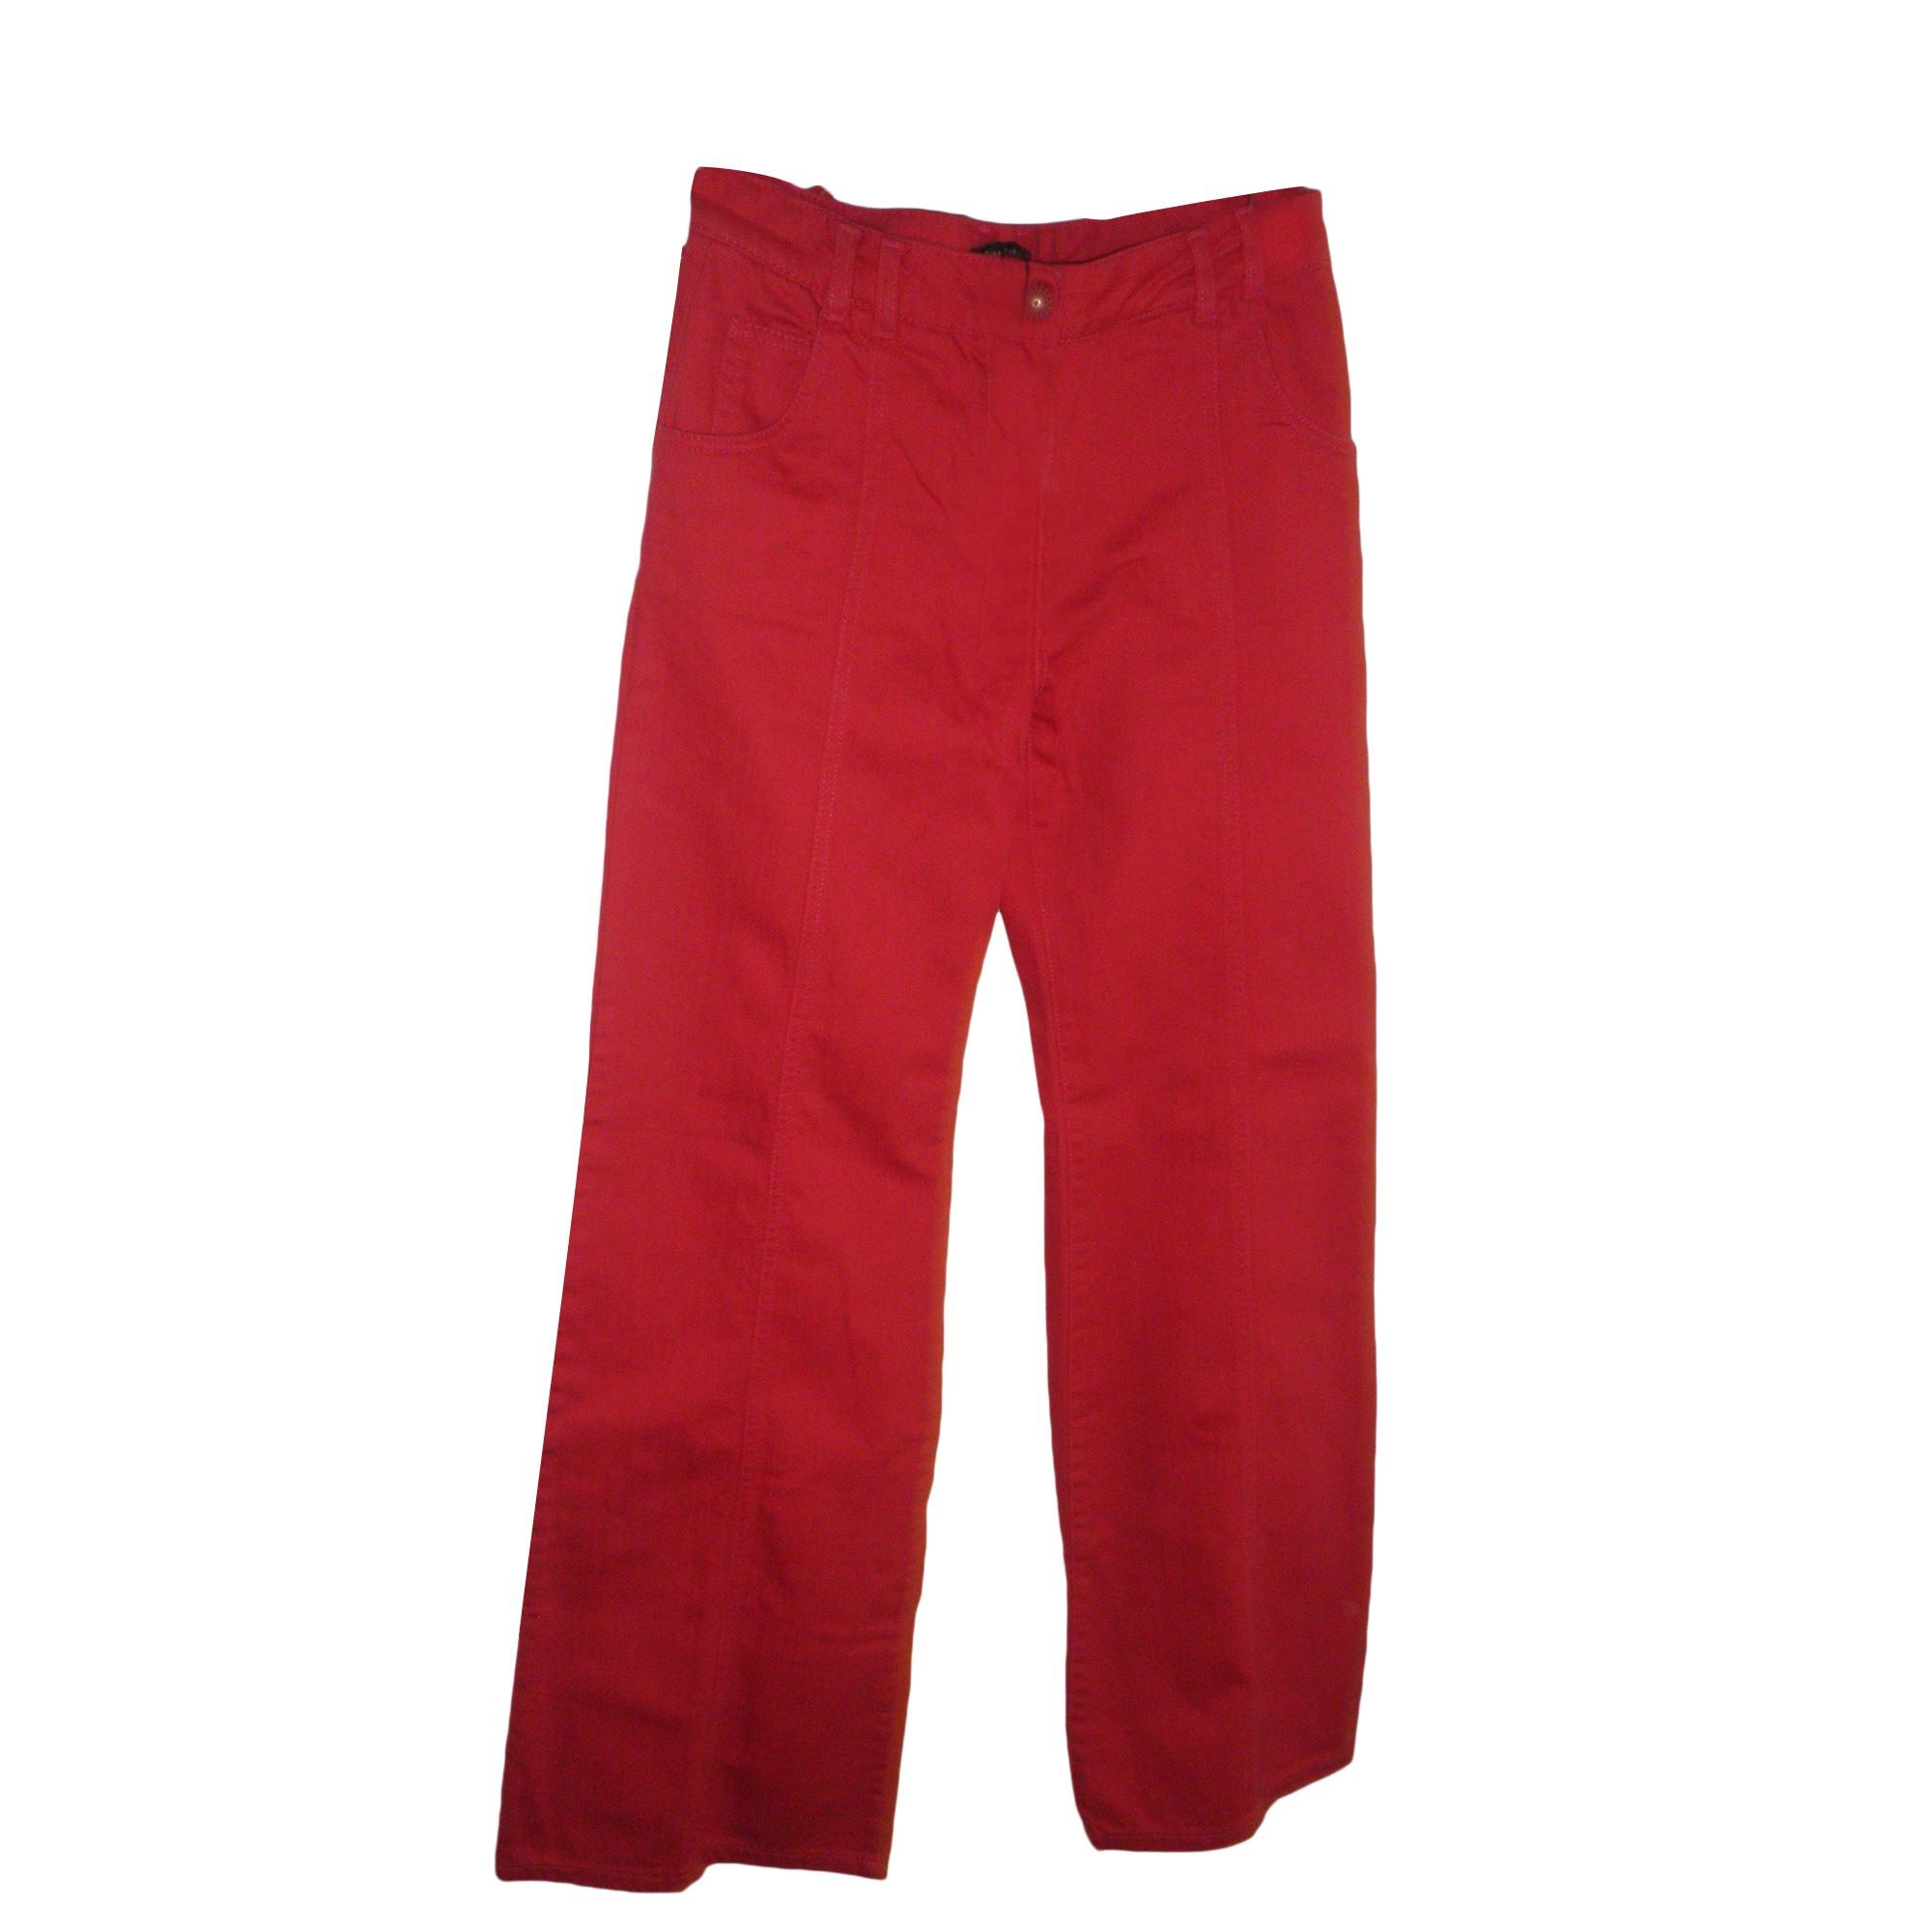 Jeans très evasé, patte d'éléphant TARA JARMON Rose, fuschia, vieux rose